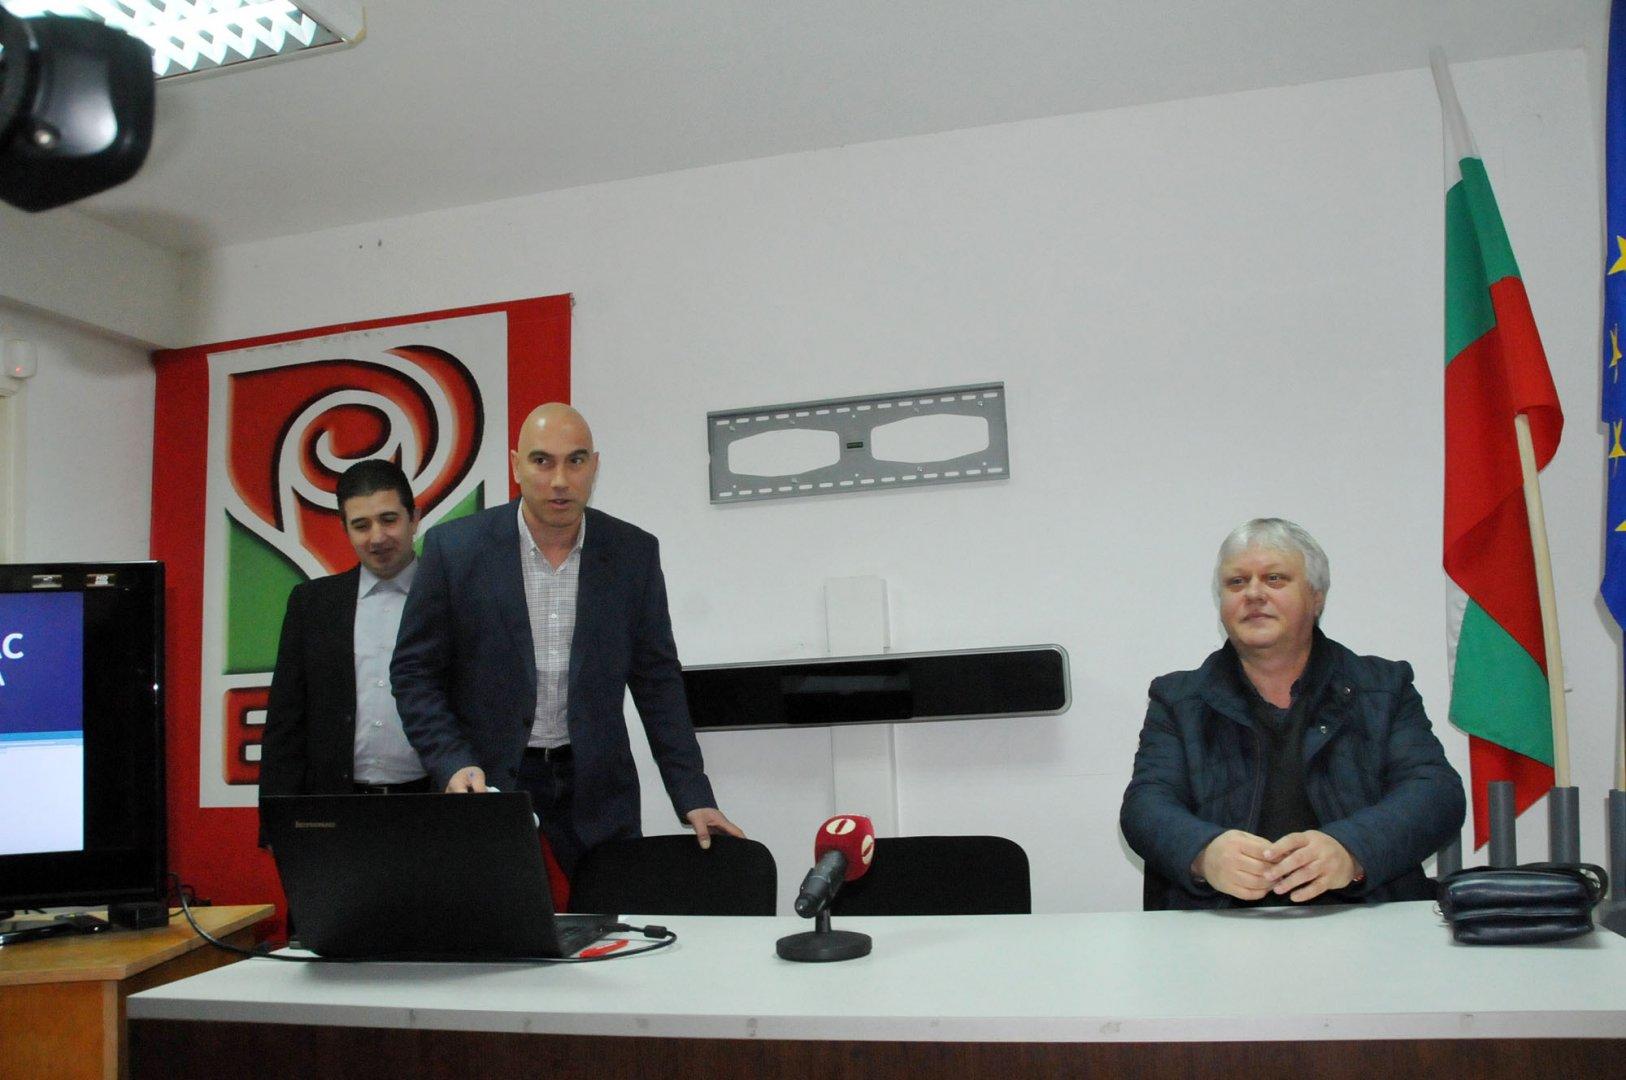 От 150 кандидати ще редим листа за ЕП, каза Николай Тишев (в средата). Снимка Лина Главинова